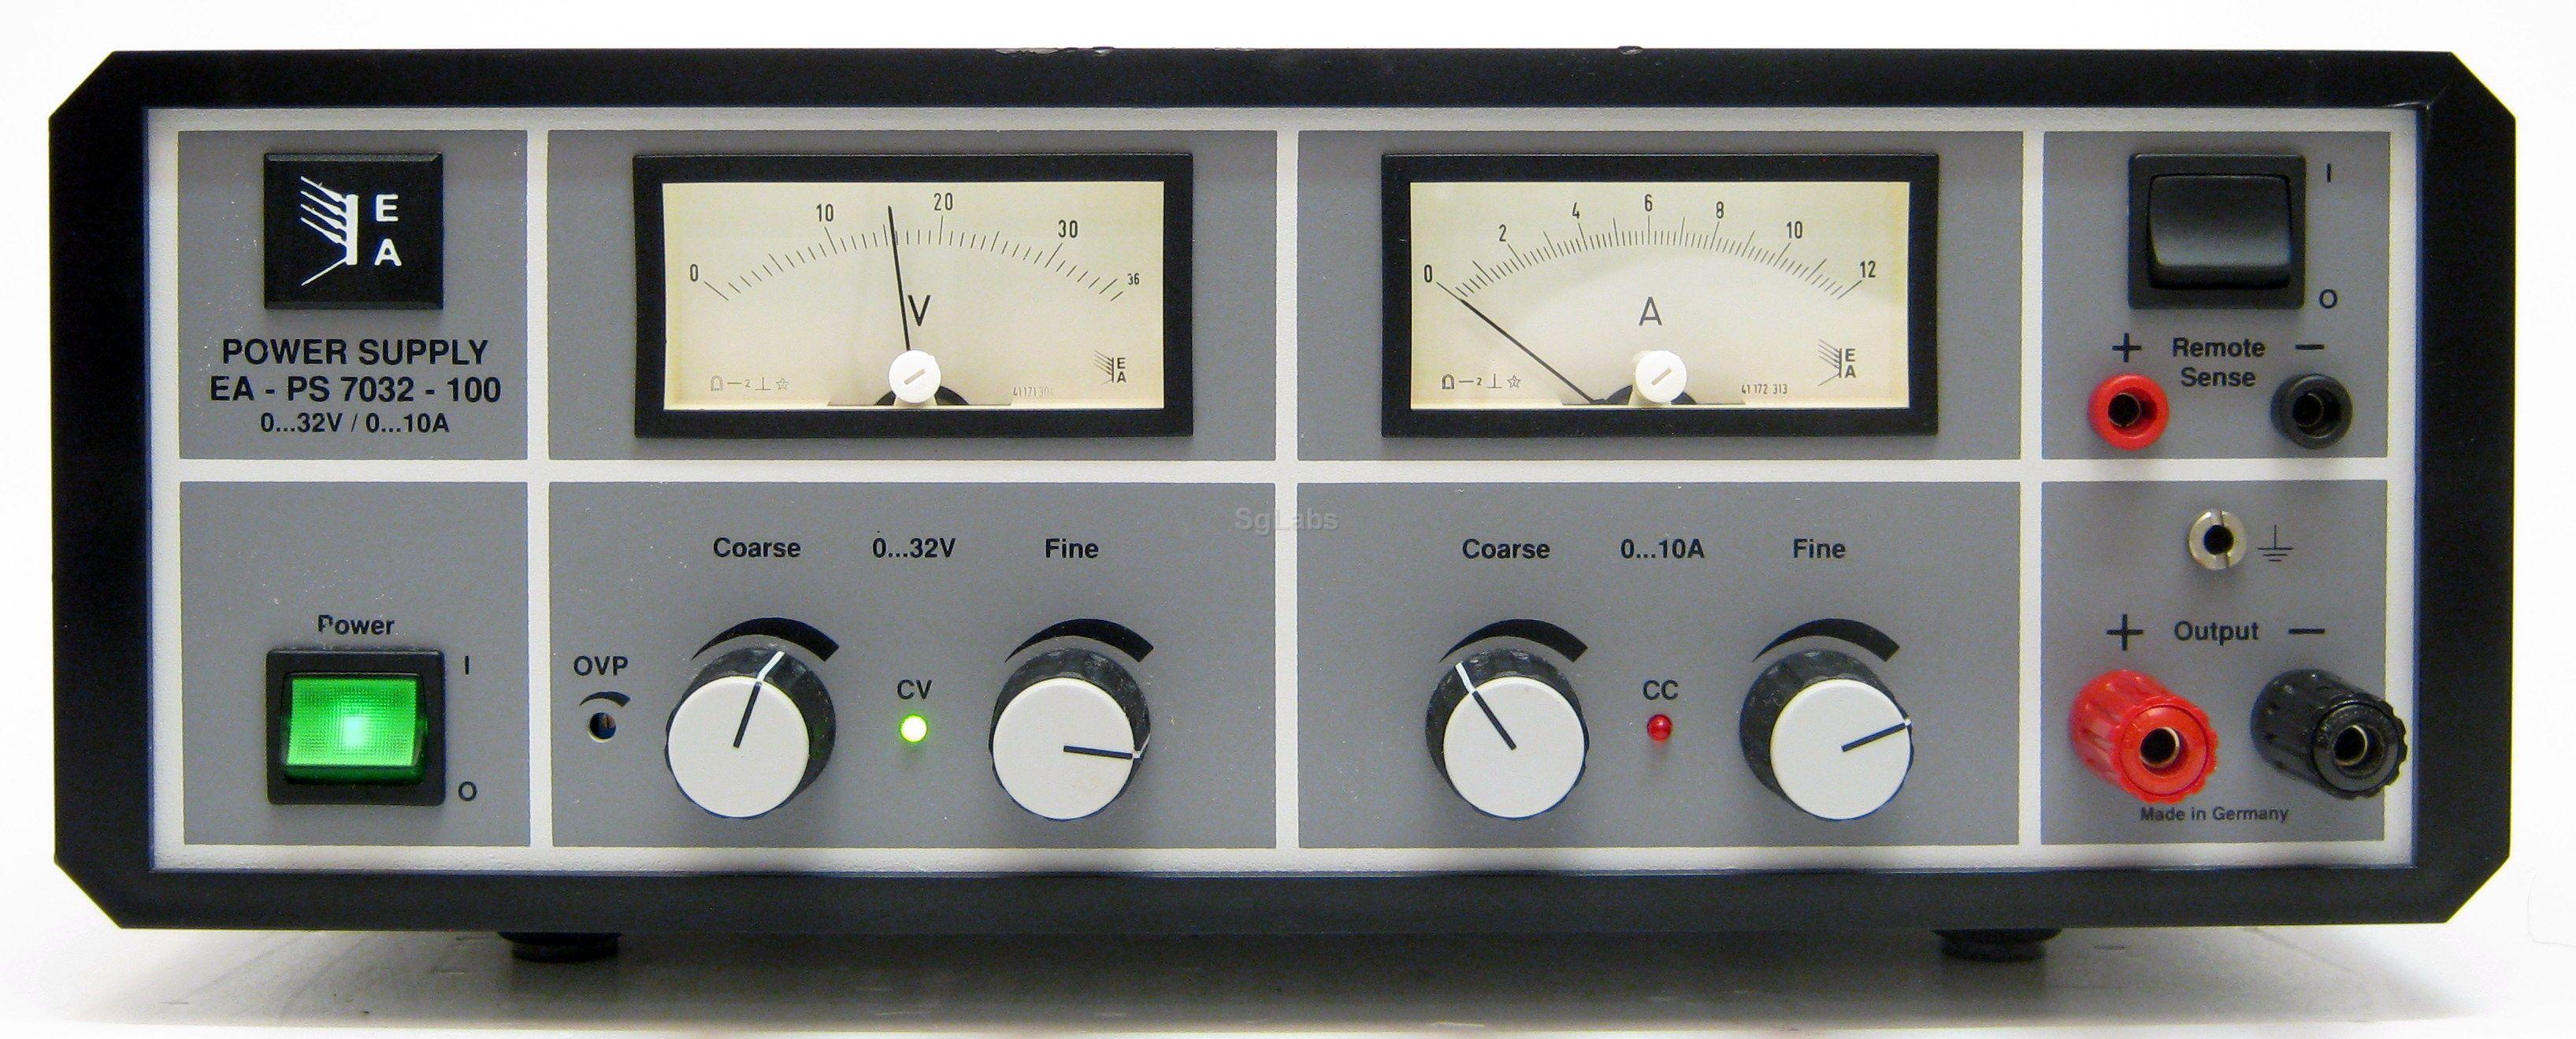 Elektro Automatik Ea Ps7032 100